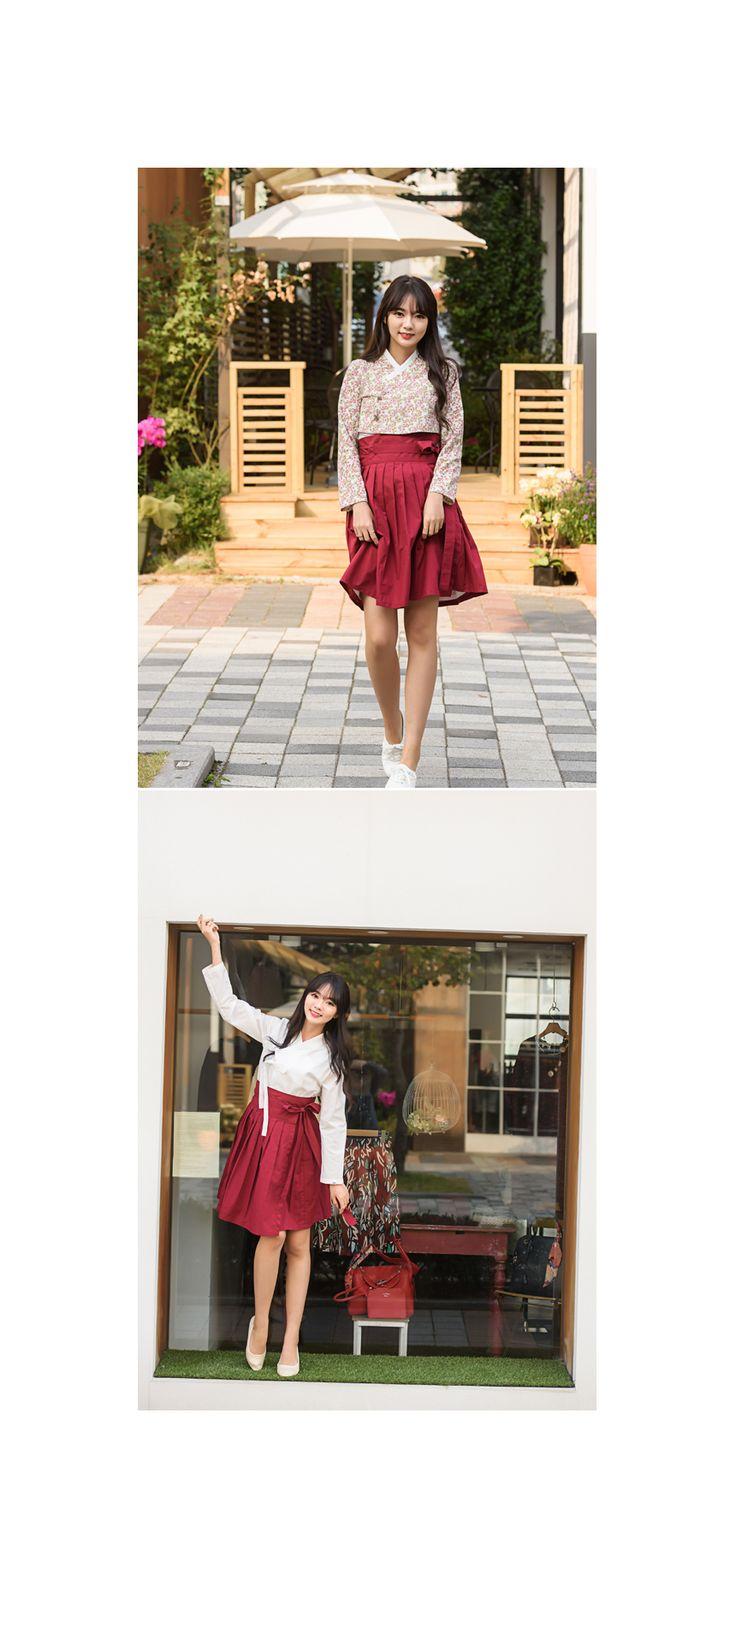 [하의]생활한복 미니 허리치마 #버건디